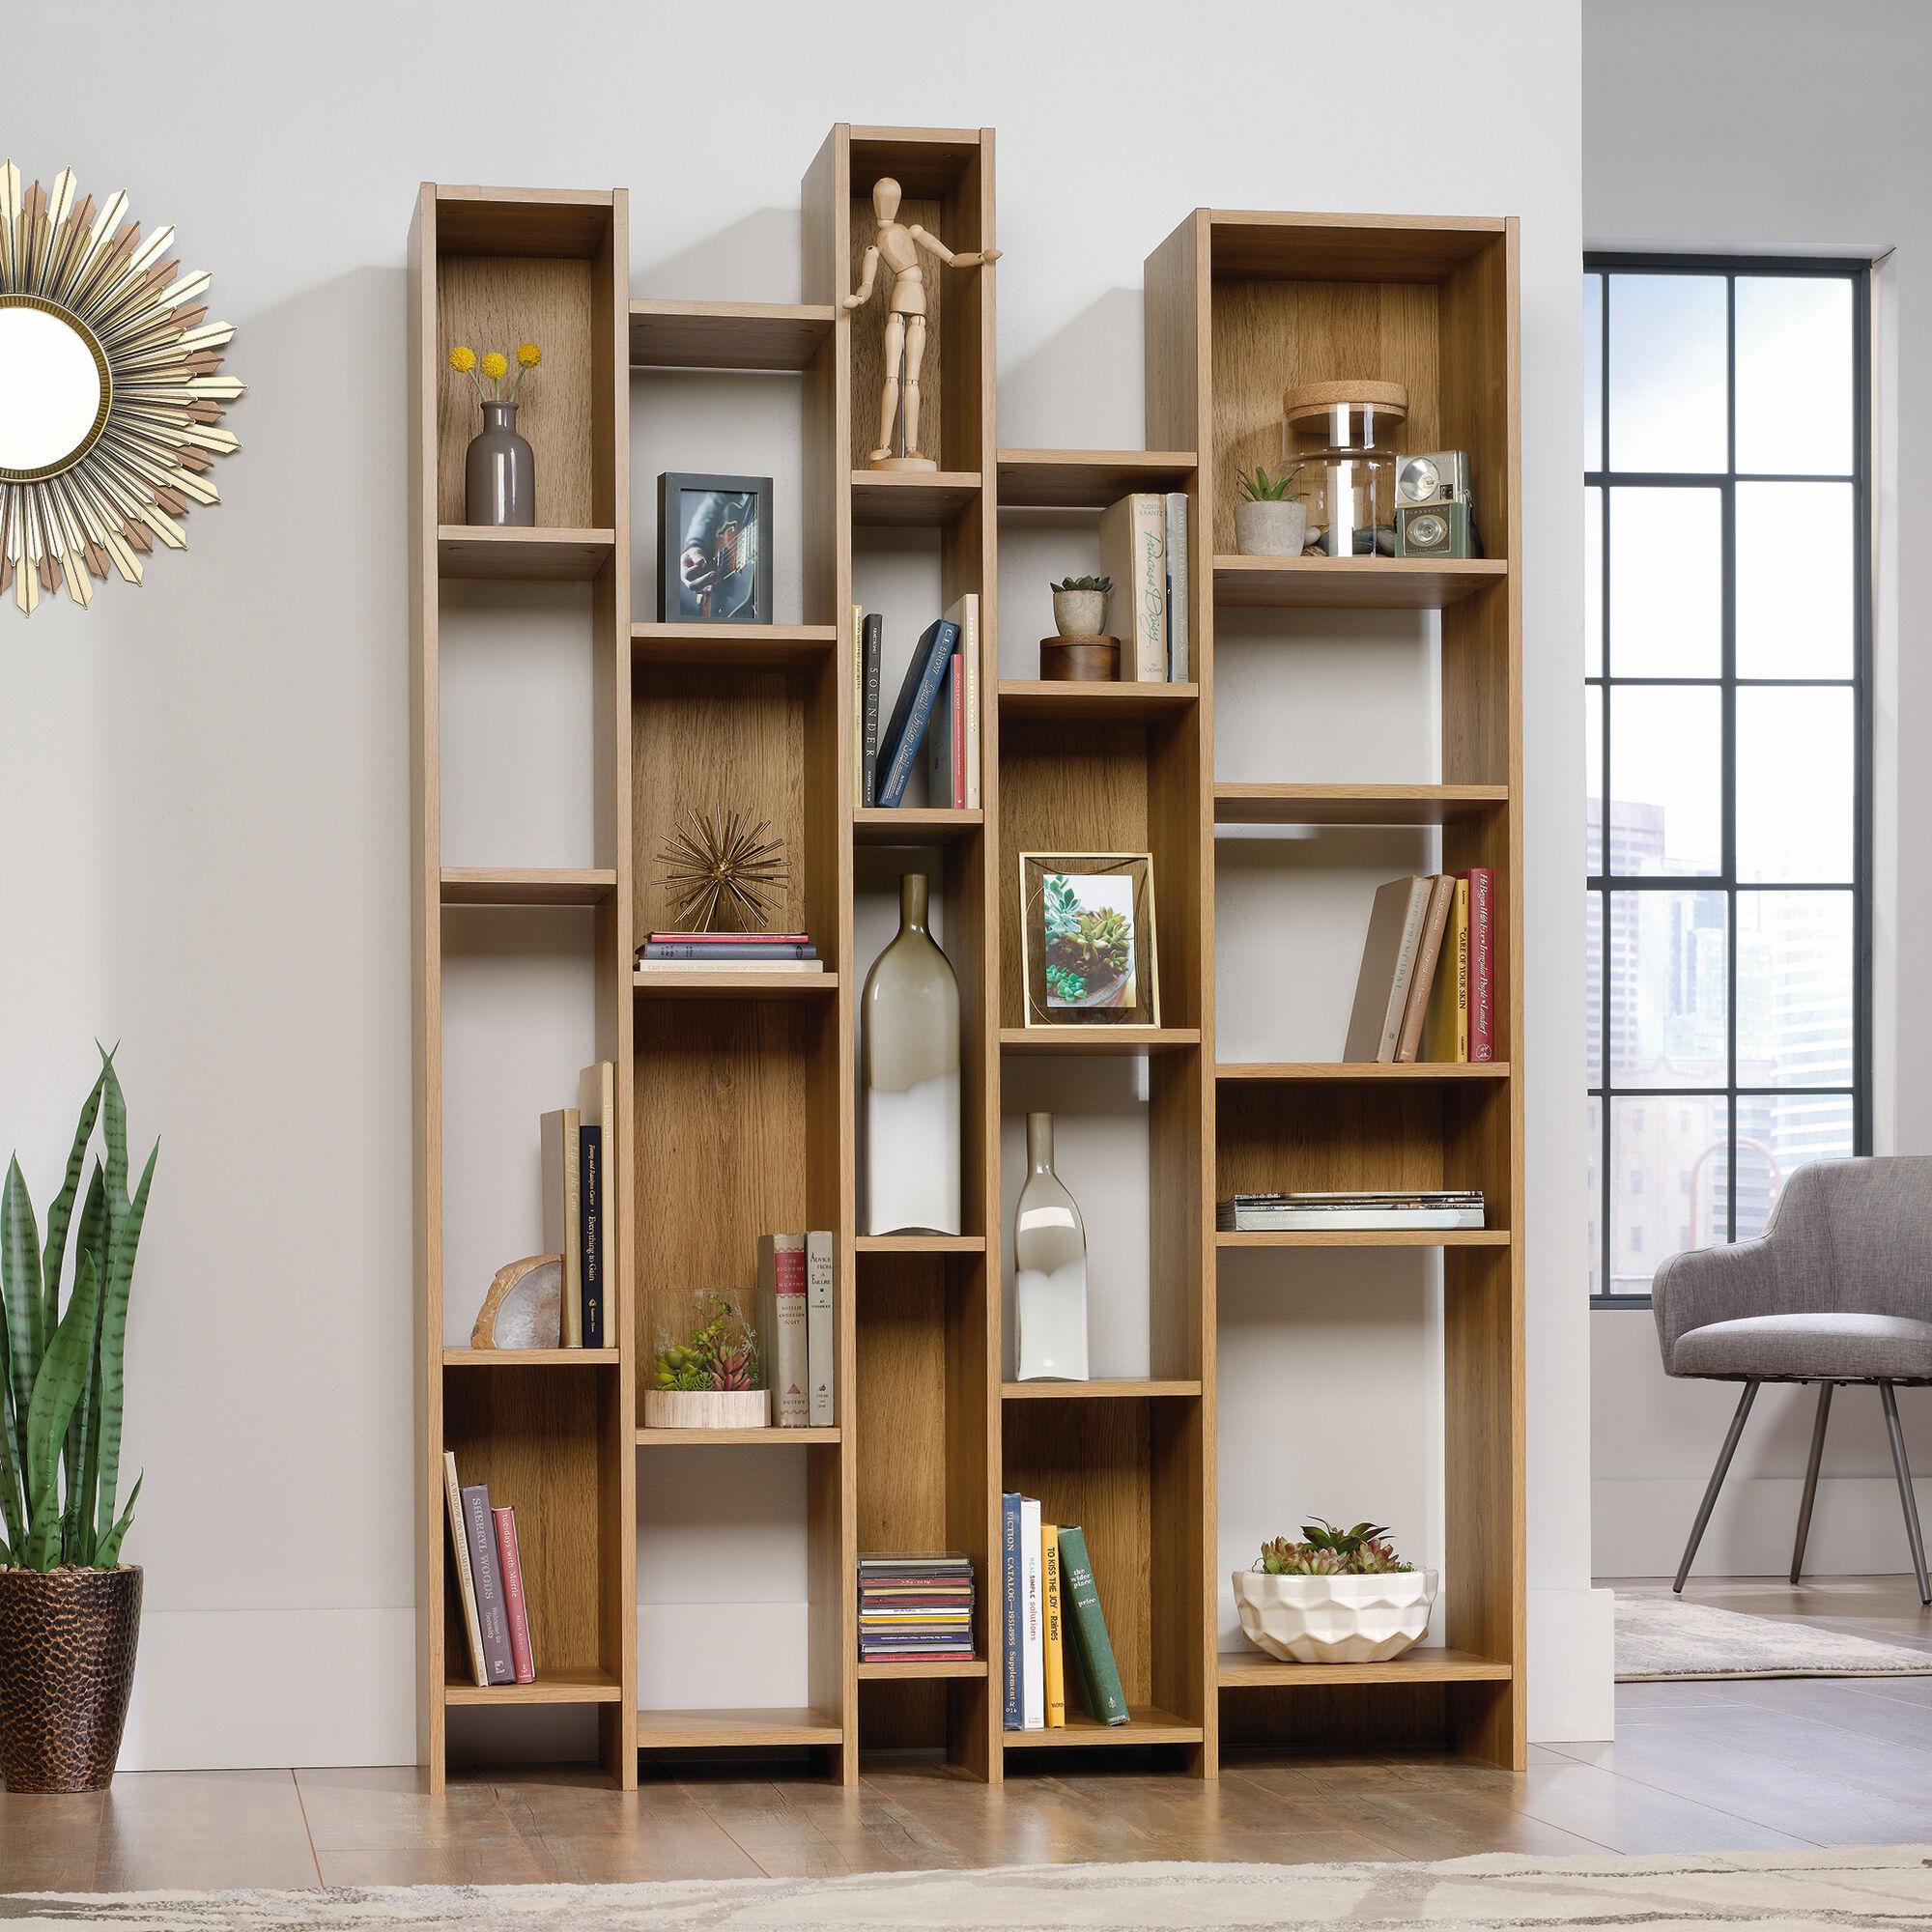 Innovative Wall Shelves: Mid-Century Modern Wall Shelf In Pale Oak